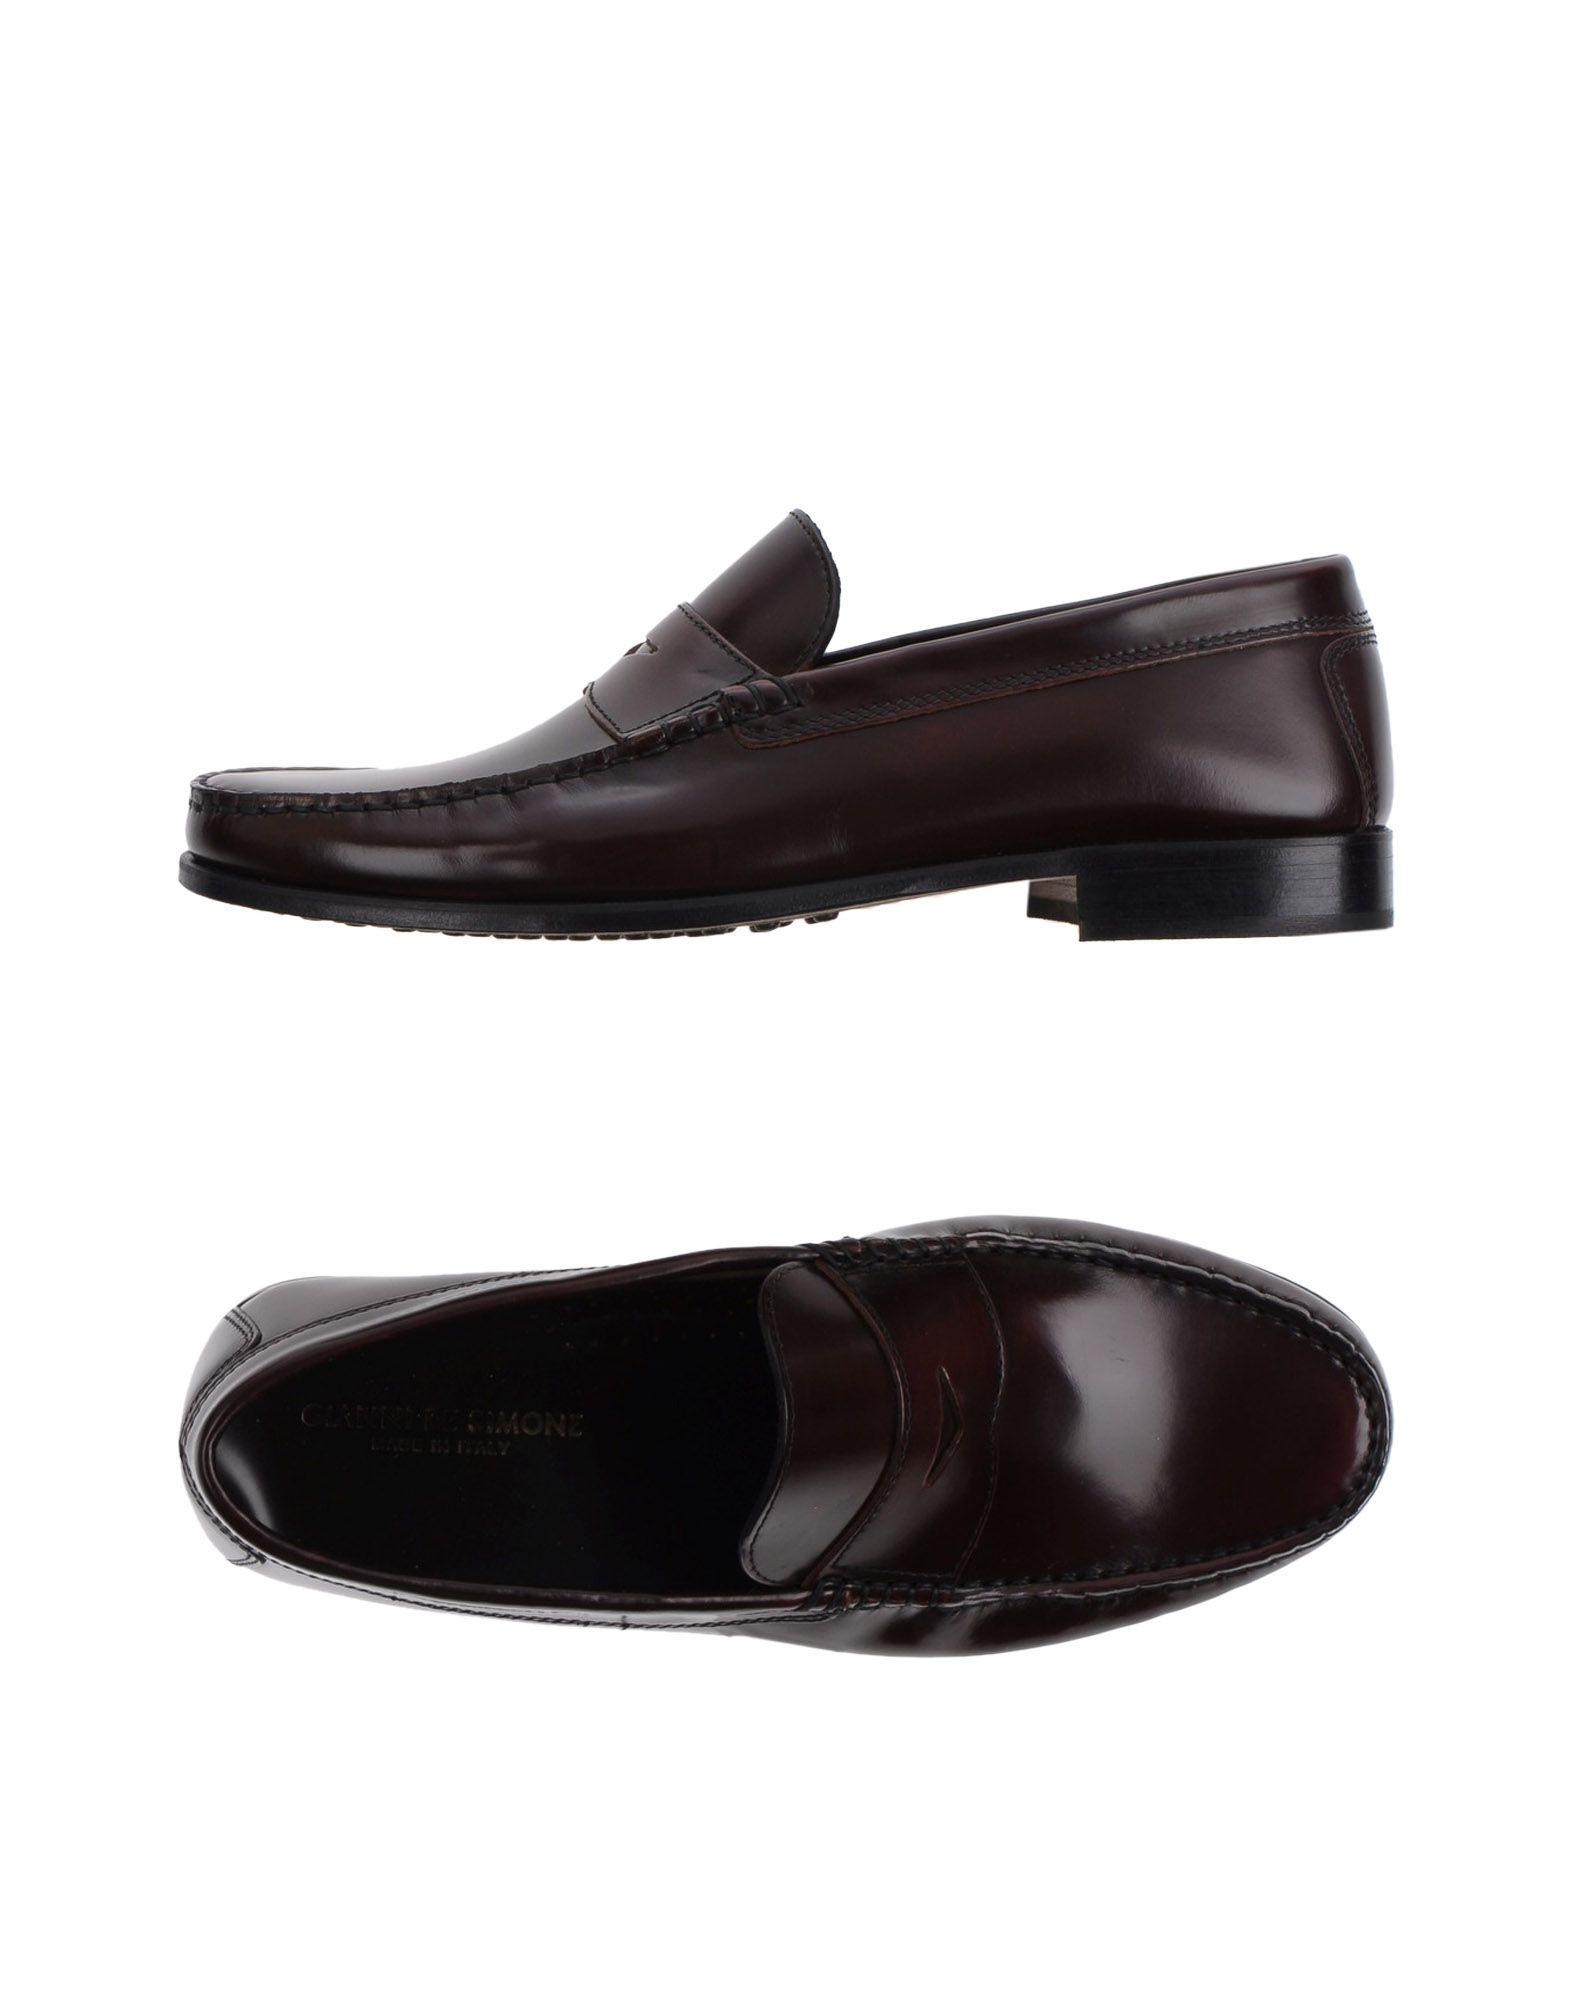 Gianni De Simone Mokassins Herren  11358312KH Neue Schuhe